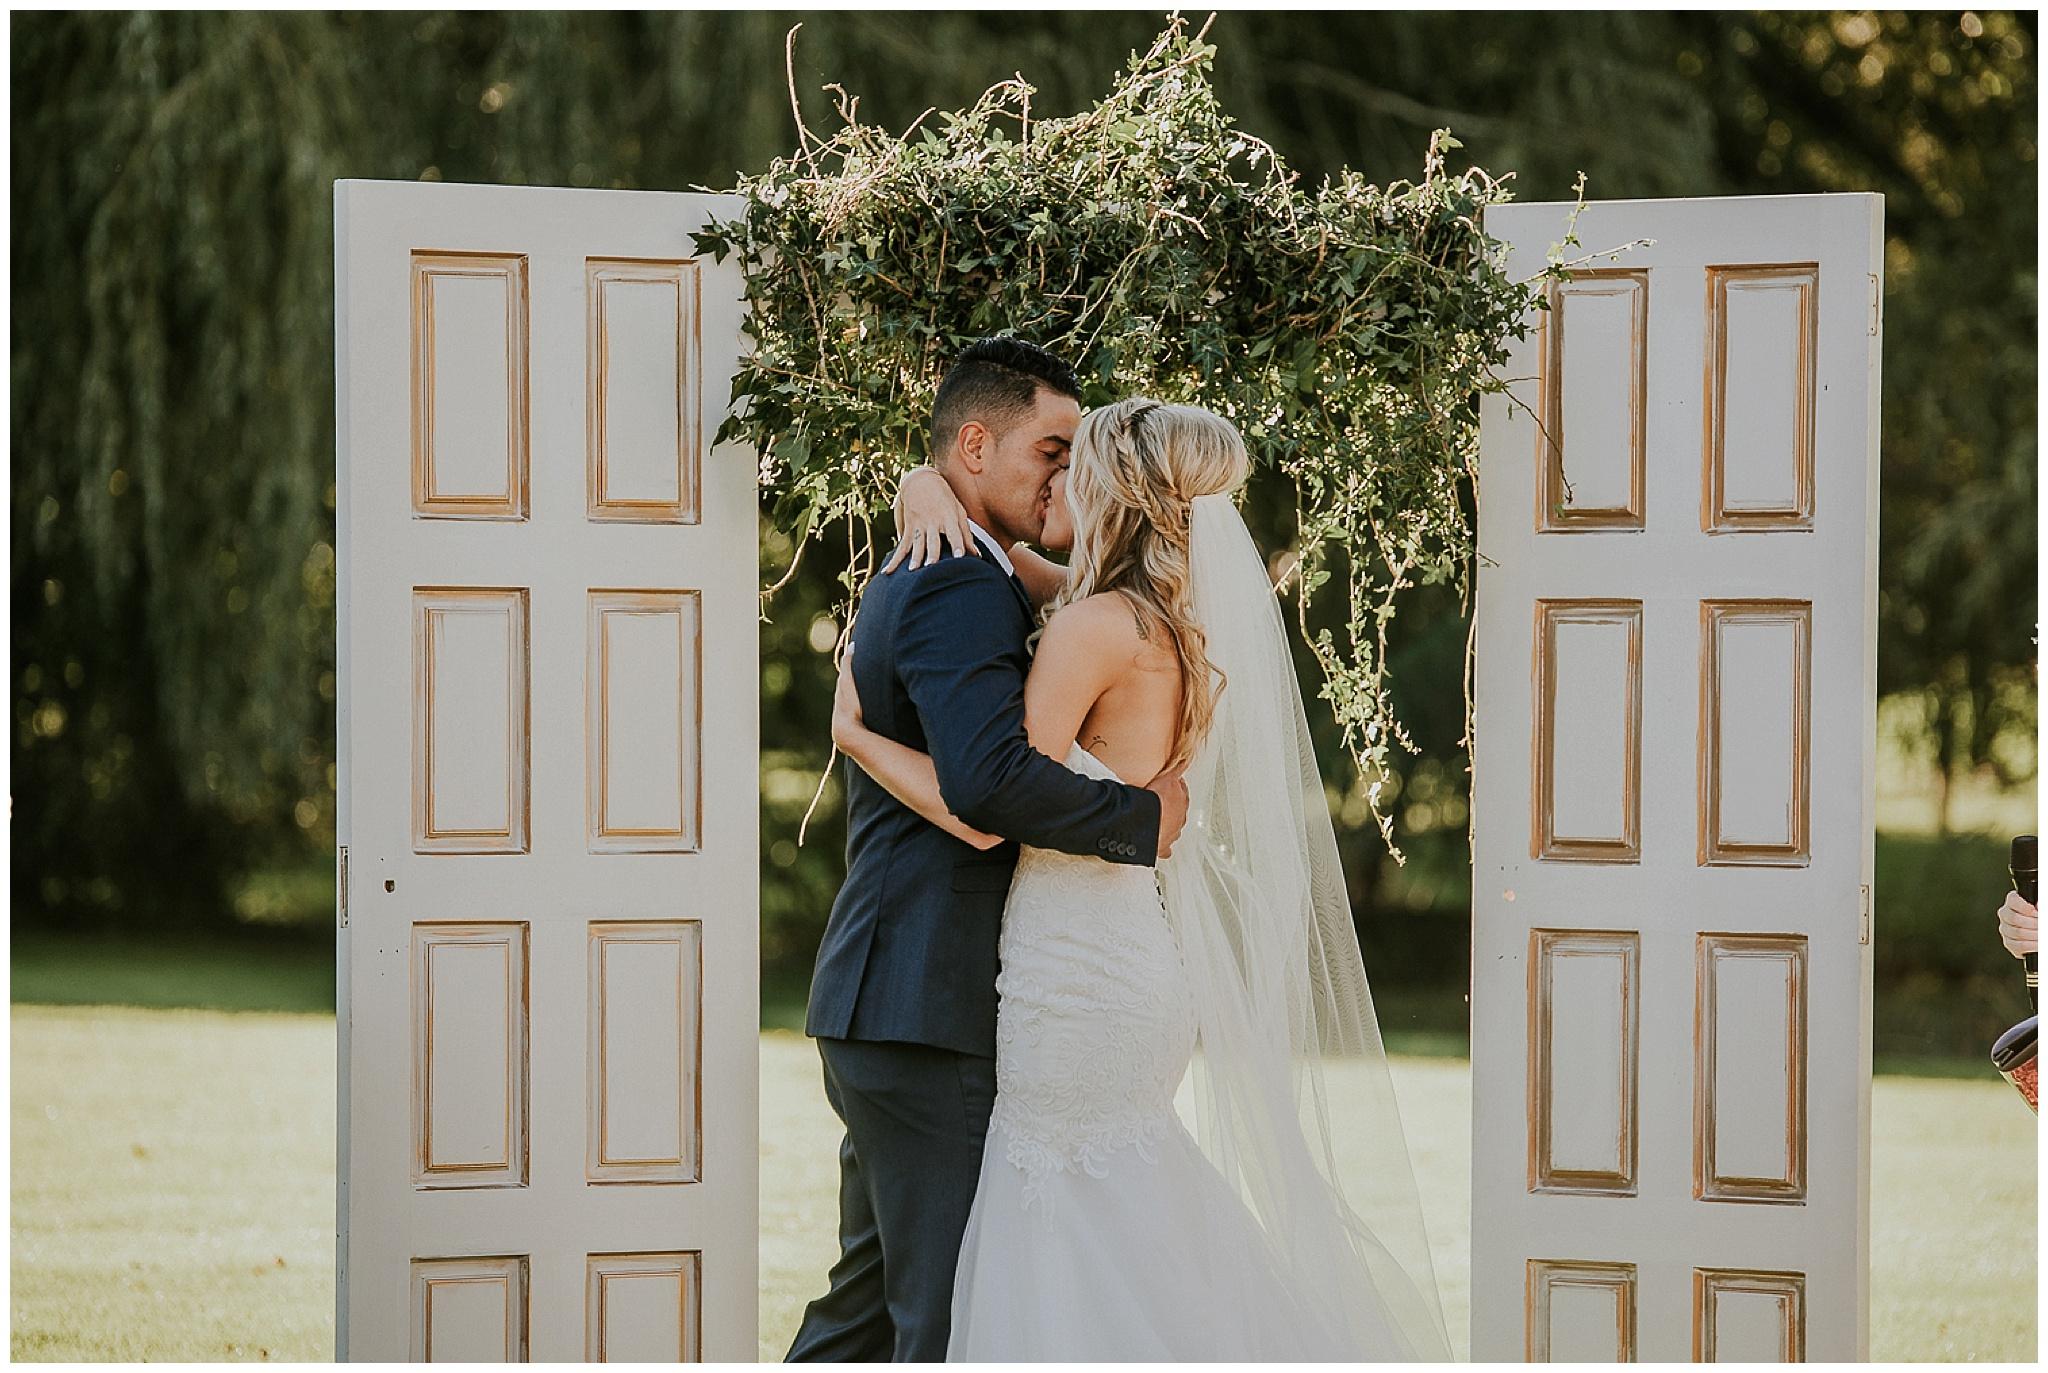 chad-jakalah-christchurch-garden-summer-elegant-auckland-wedding-photographer_0031.jpg